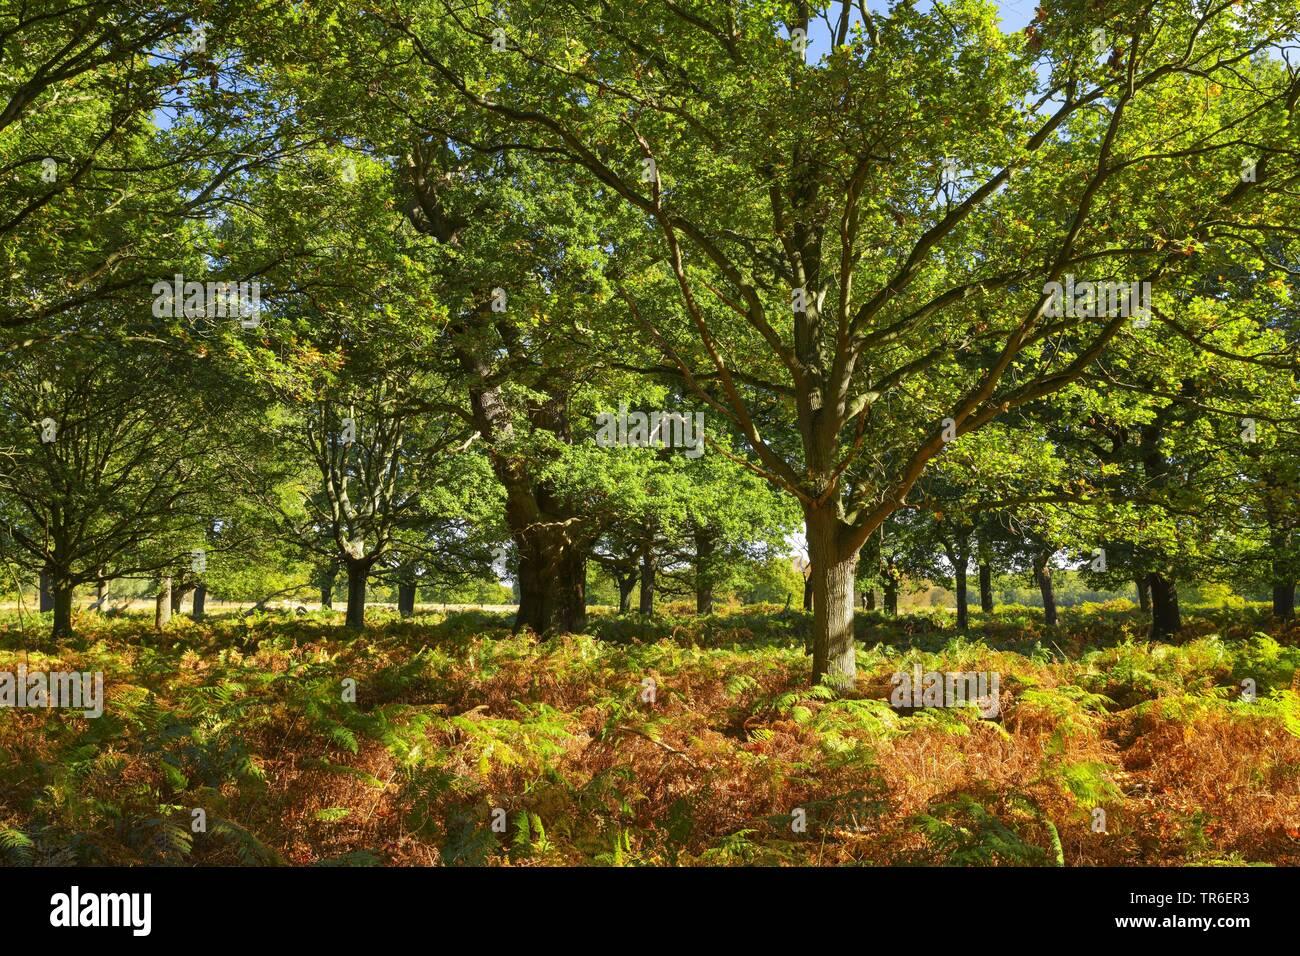 Eichenwald mit Adlerfarn im herbstlichen Richmond Park, Grossbritannien, England, London   autumnal oak forest with eagle fern in the Richmond Park, U - Stock Image